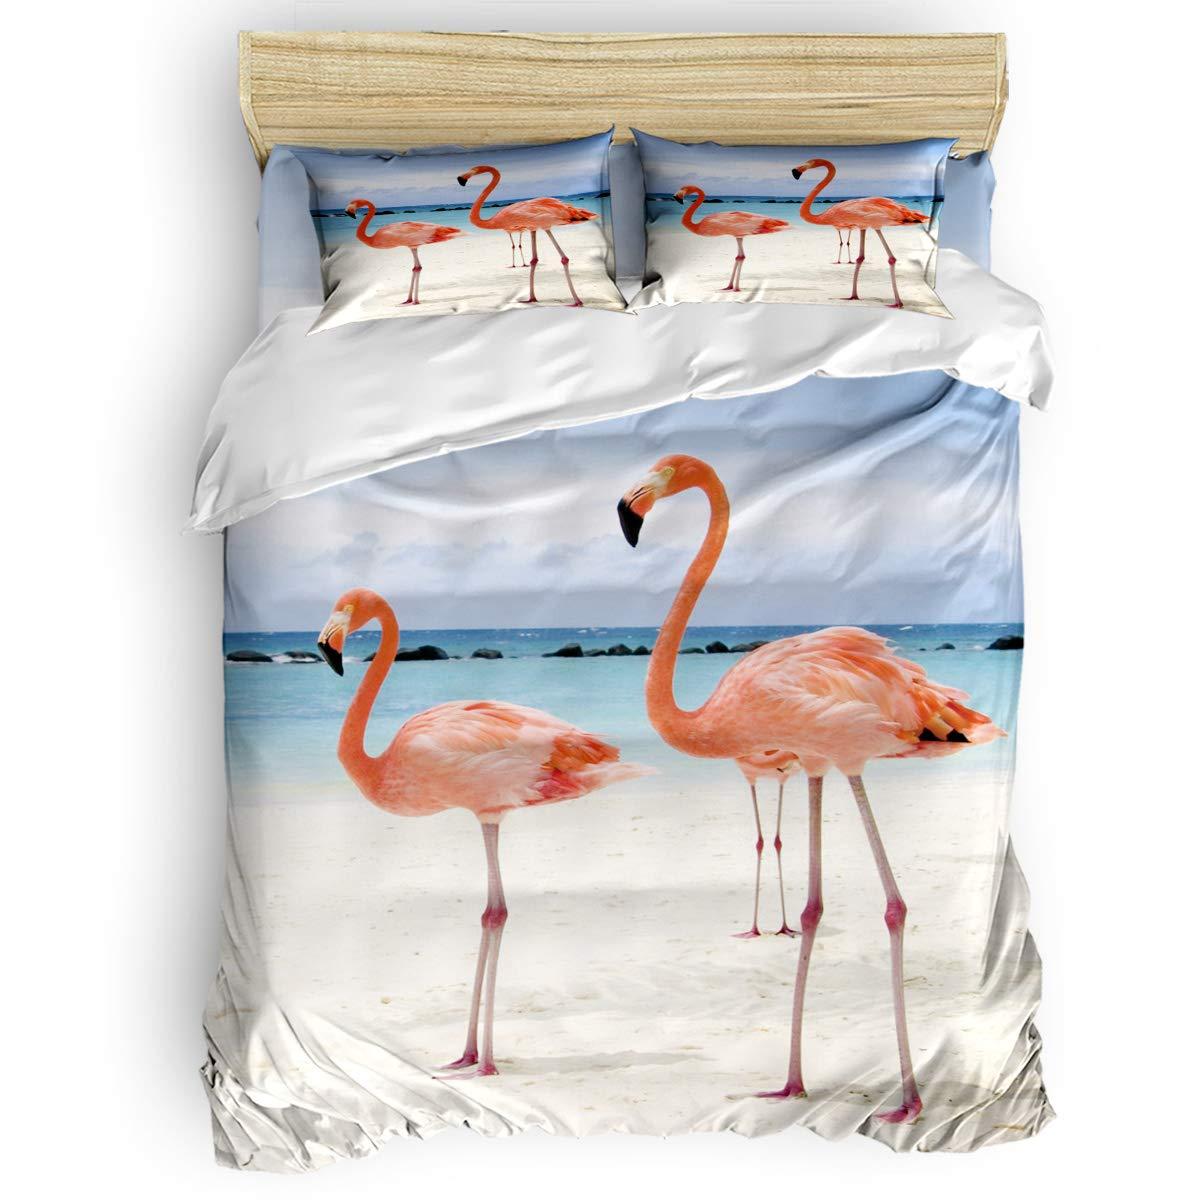 掛け布団カバー 4点セット ブルーアガベ 寝具カバーセット ベッド用 べッドシーツ 枕カバー 洋式 和式兼用 布団カバー 肌に優しい 羽毛布団セット 100%ポリエステル ダブル B07TH967X4 Flamingo-6LAS8271 ダブル